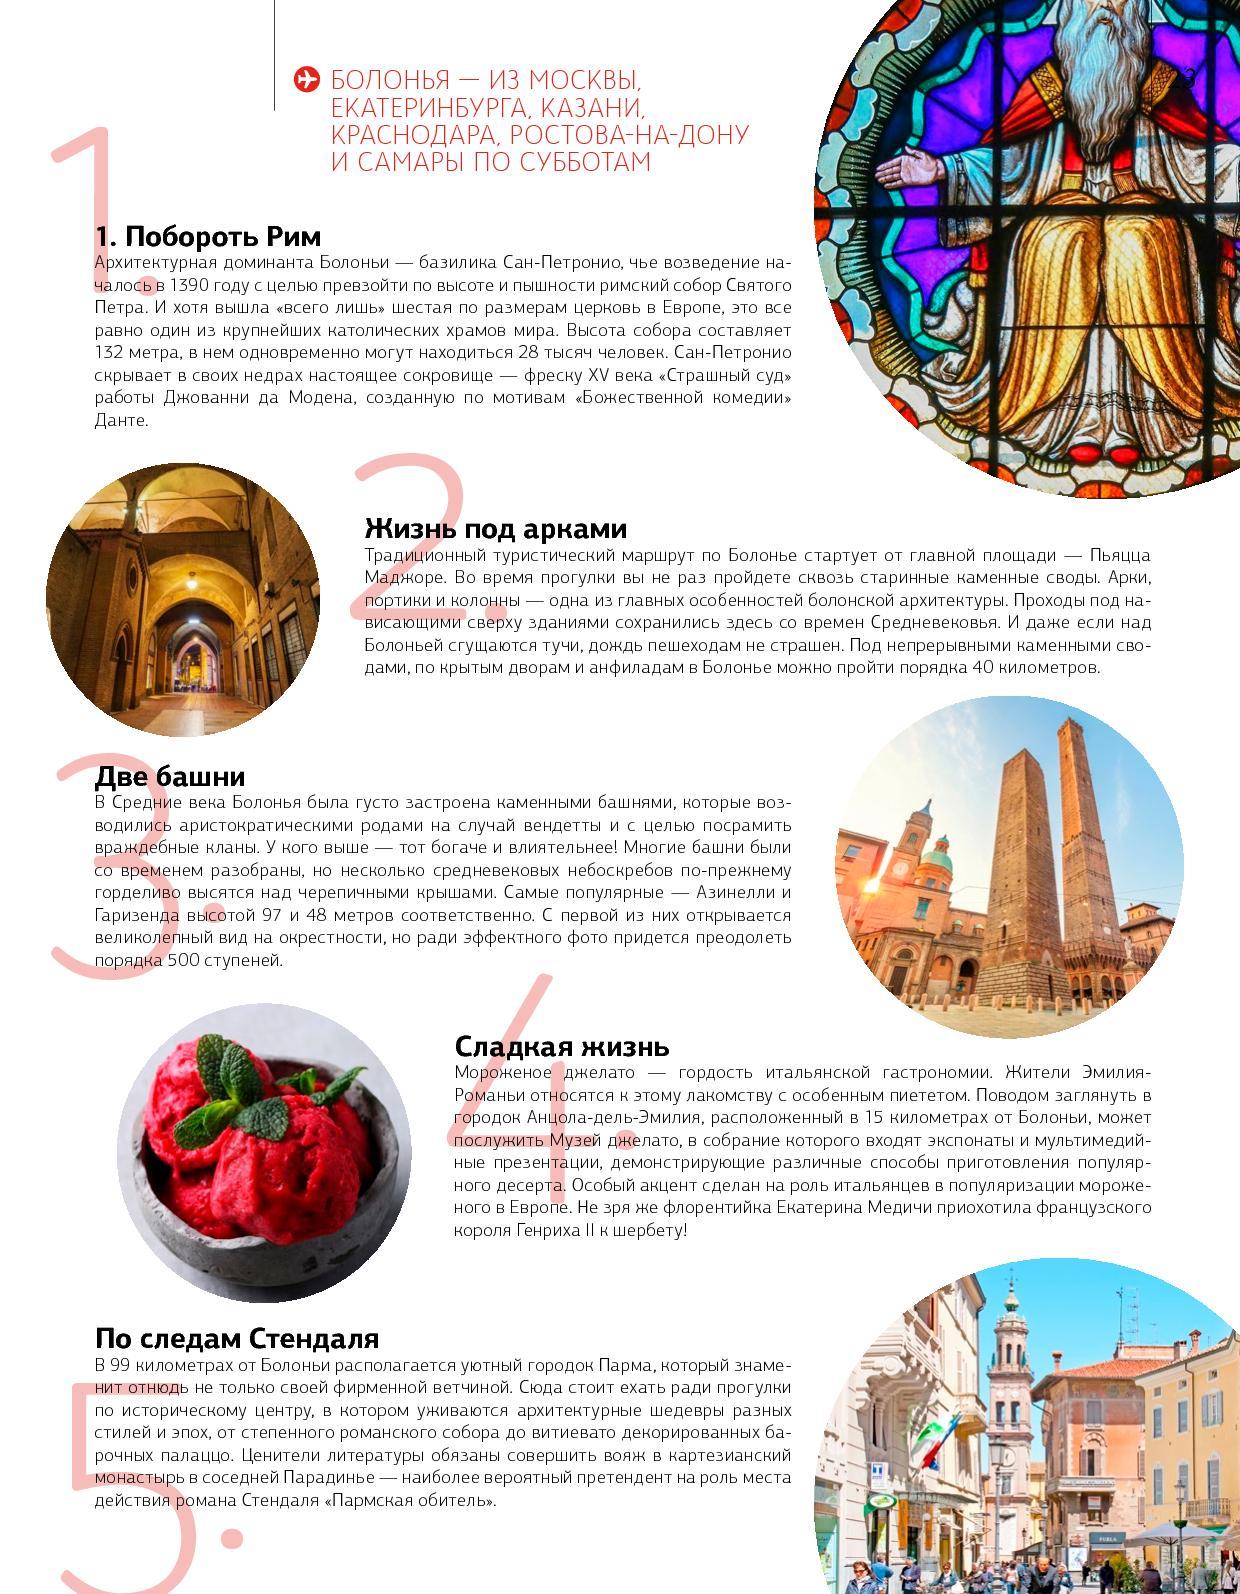 презентация путешествие по памятным местам средневековых государств европы